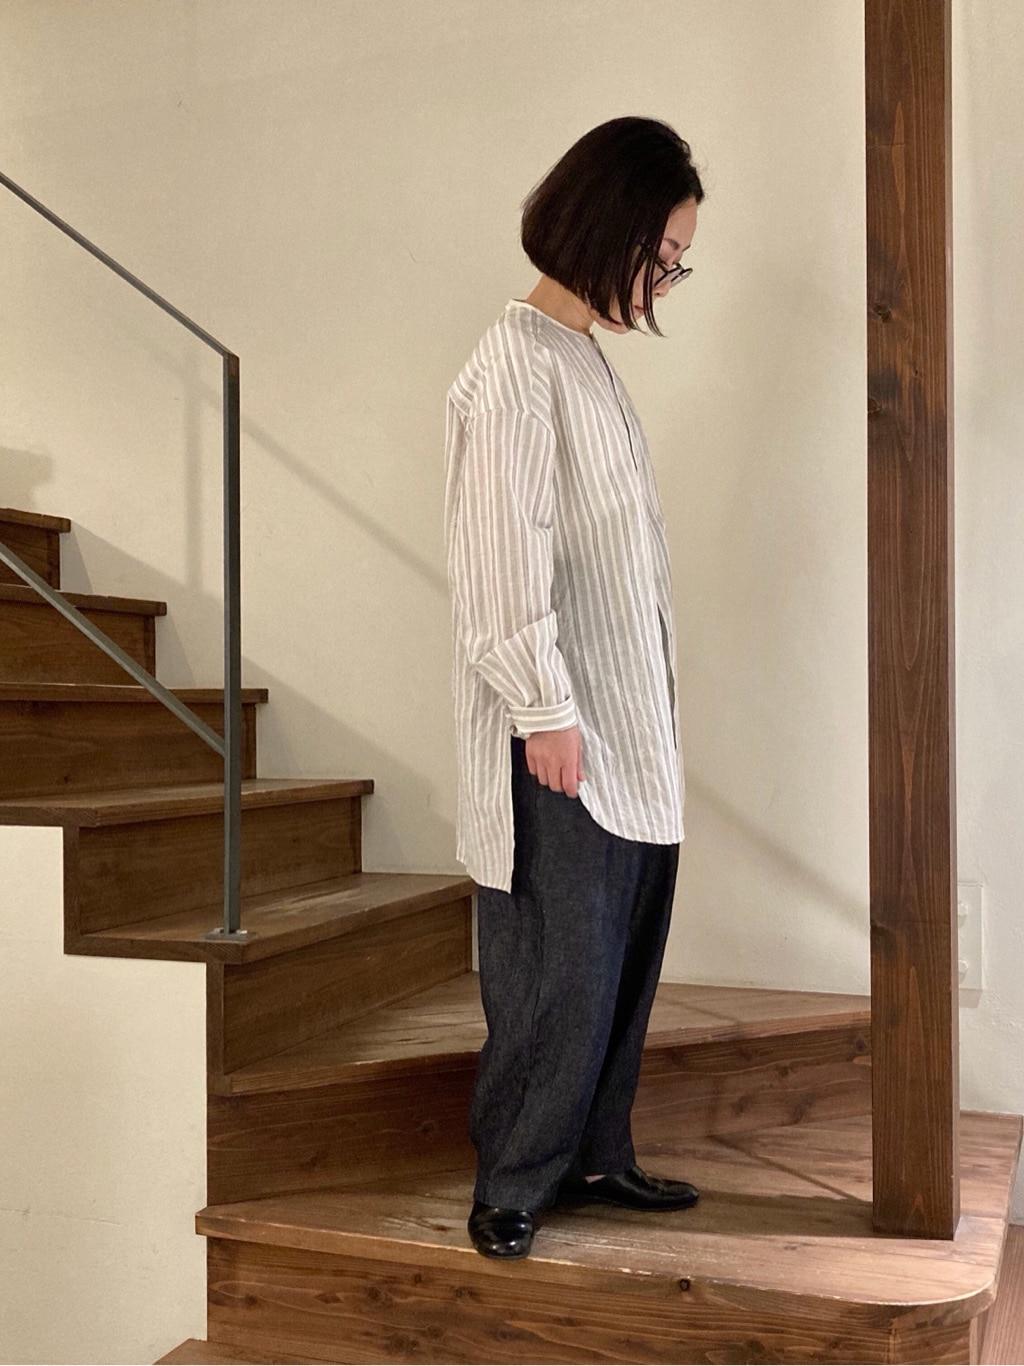 yuni 京都路面 身長:152cm 2021.04.10